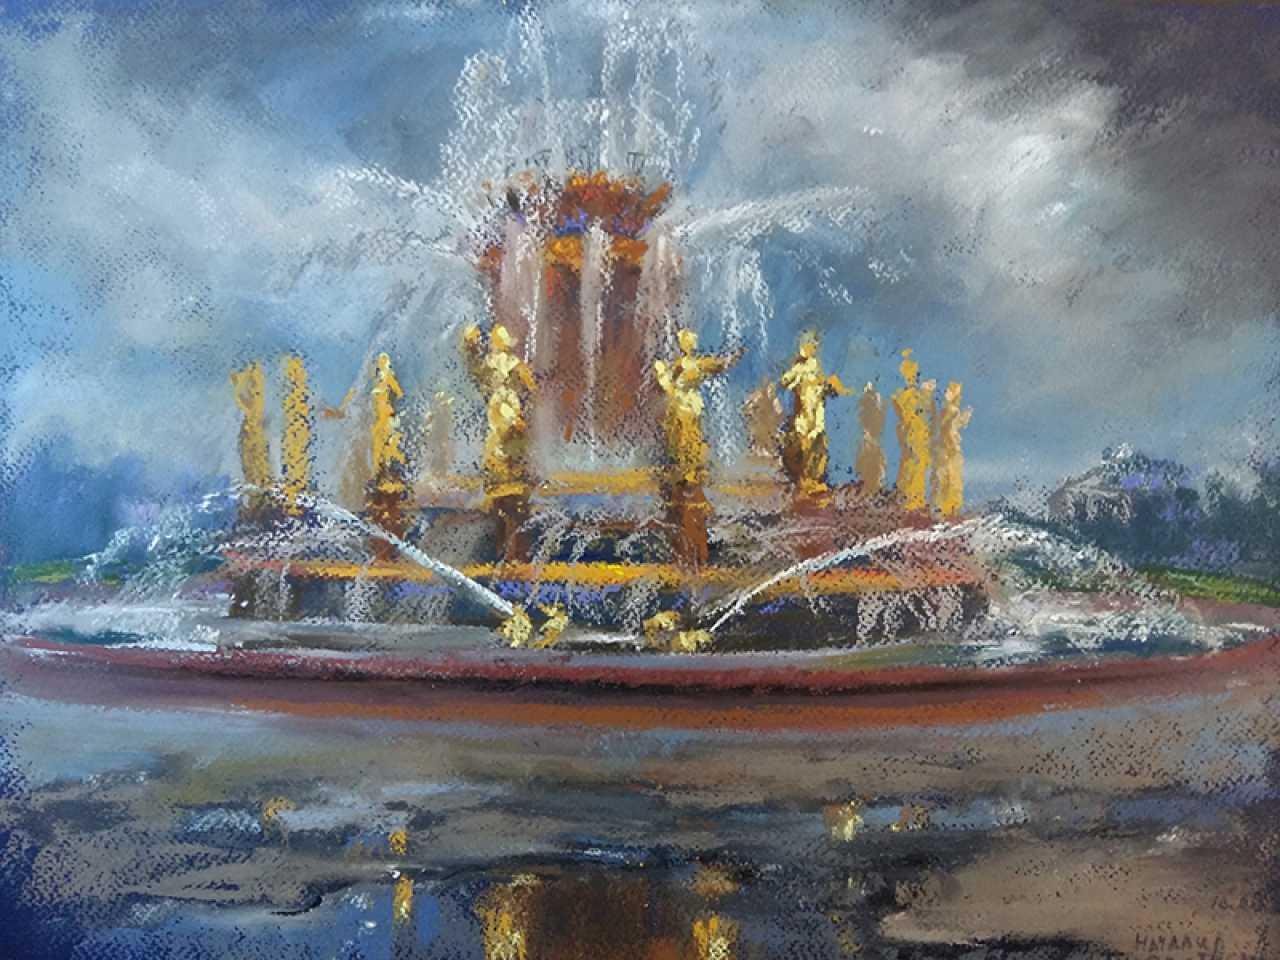 Seotitlegalereya Rabota Hudozhnika Nataliya Protchenko Peintre Moscow Luchshie Hudozhestvennye Proizvedeniya Kotorye V Prodazhe 20766 La Fontaine De L Amitie Des Peuples